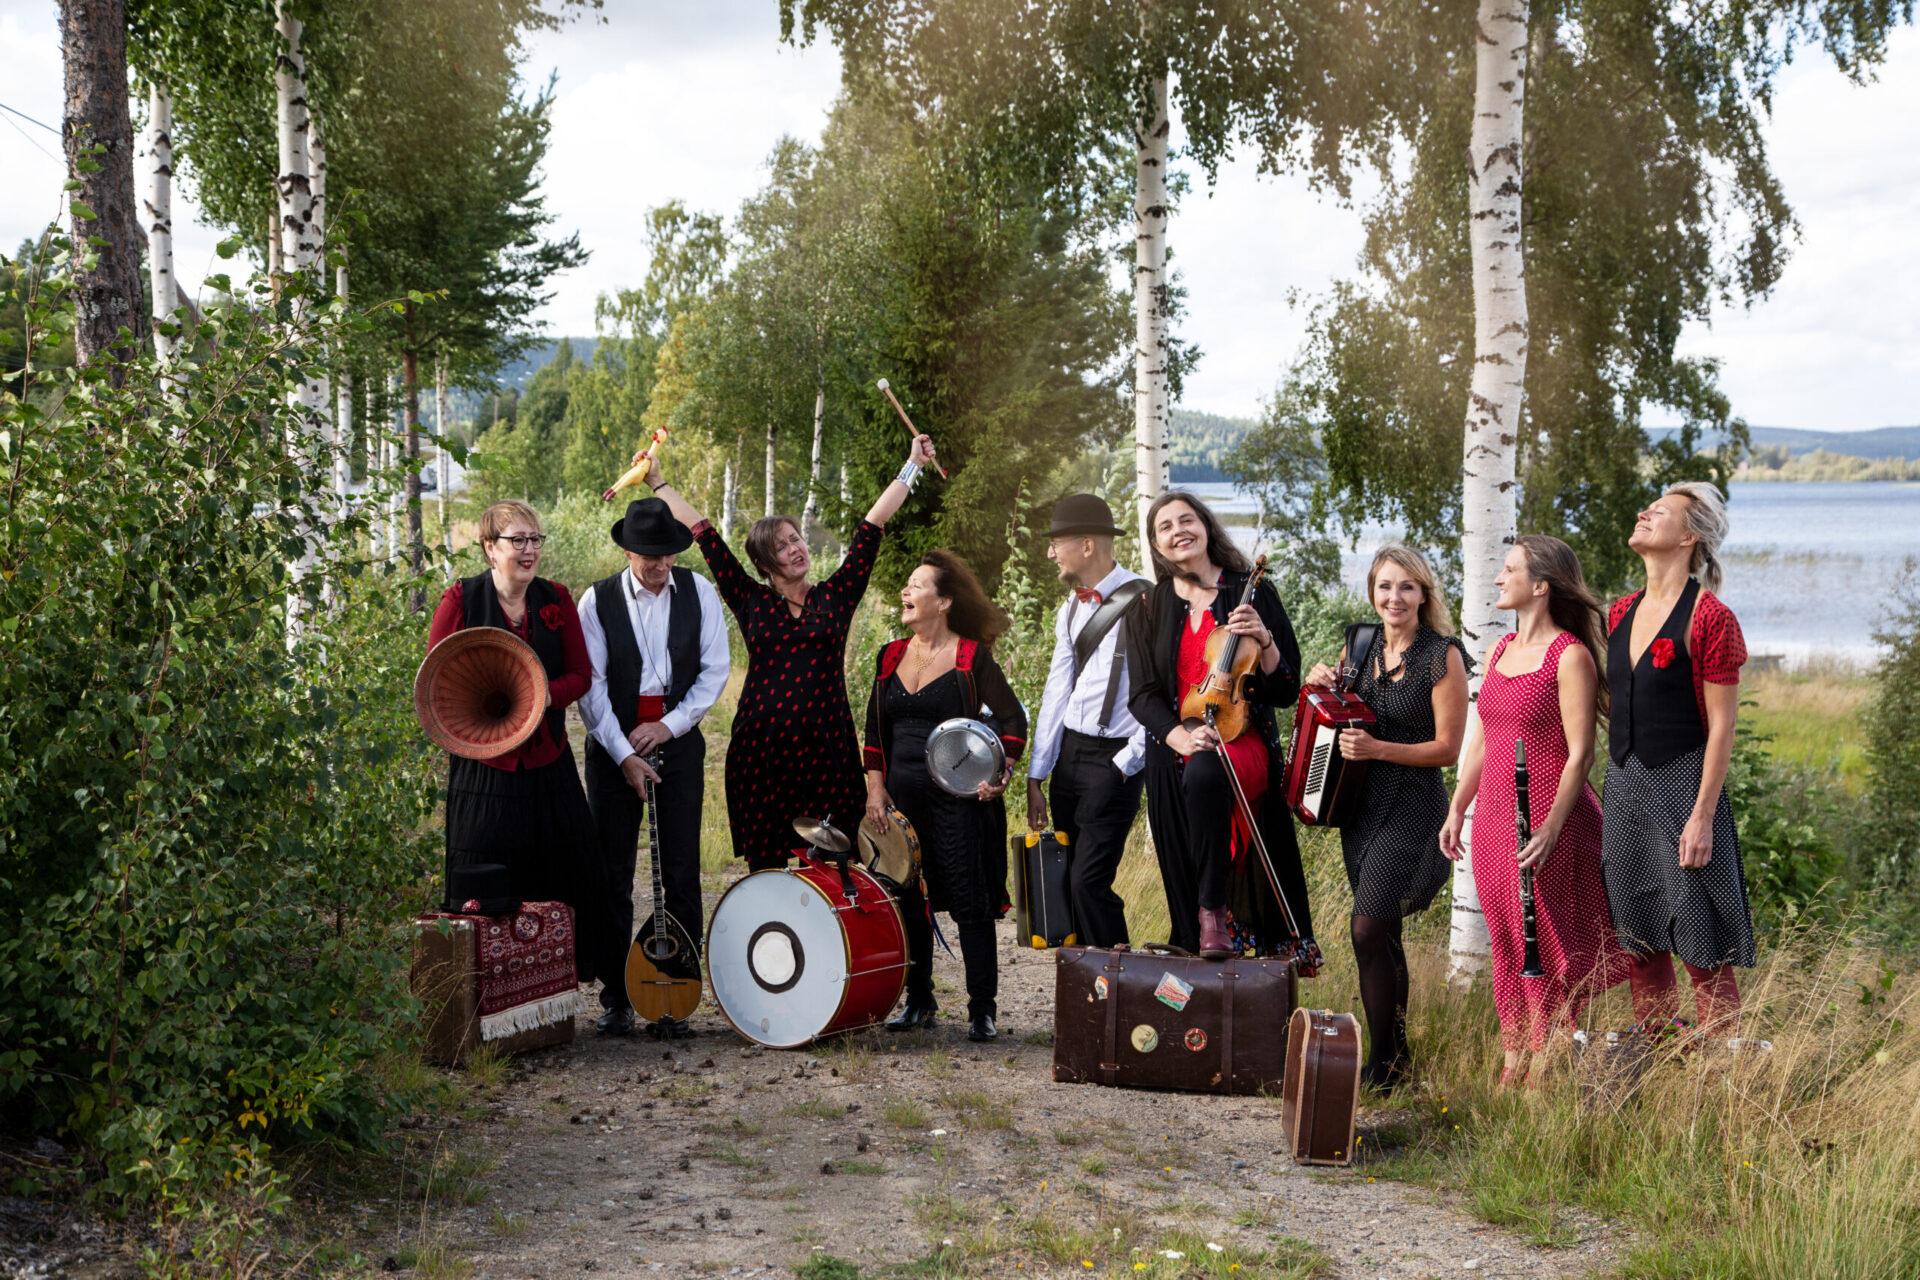 Mullin Mallin Band